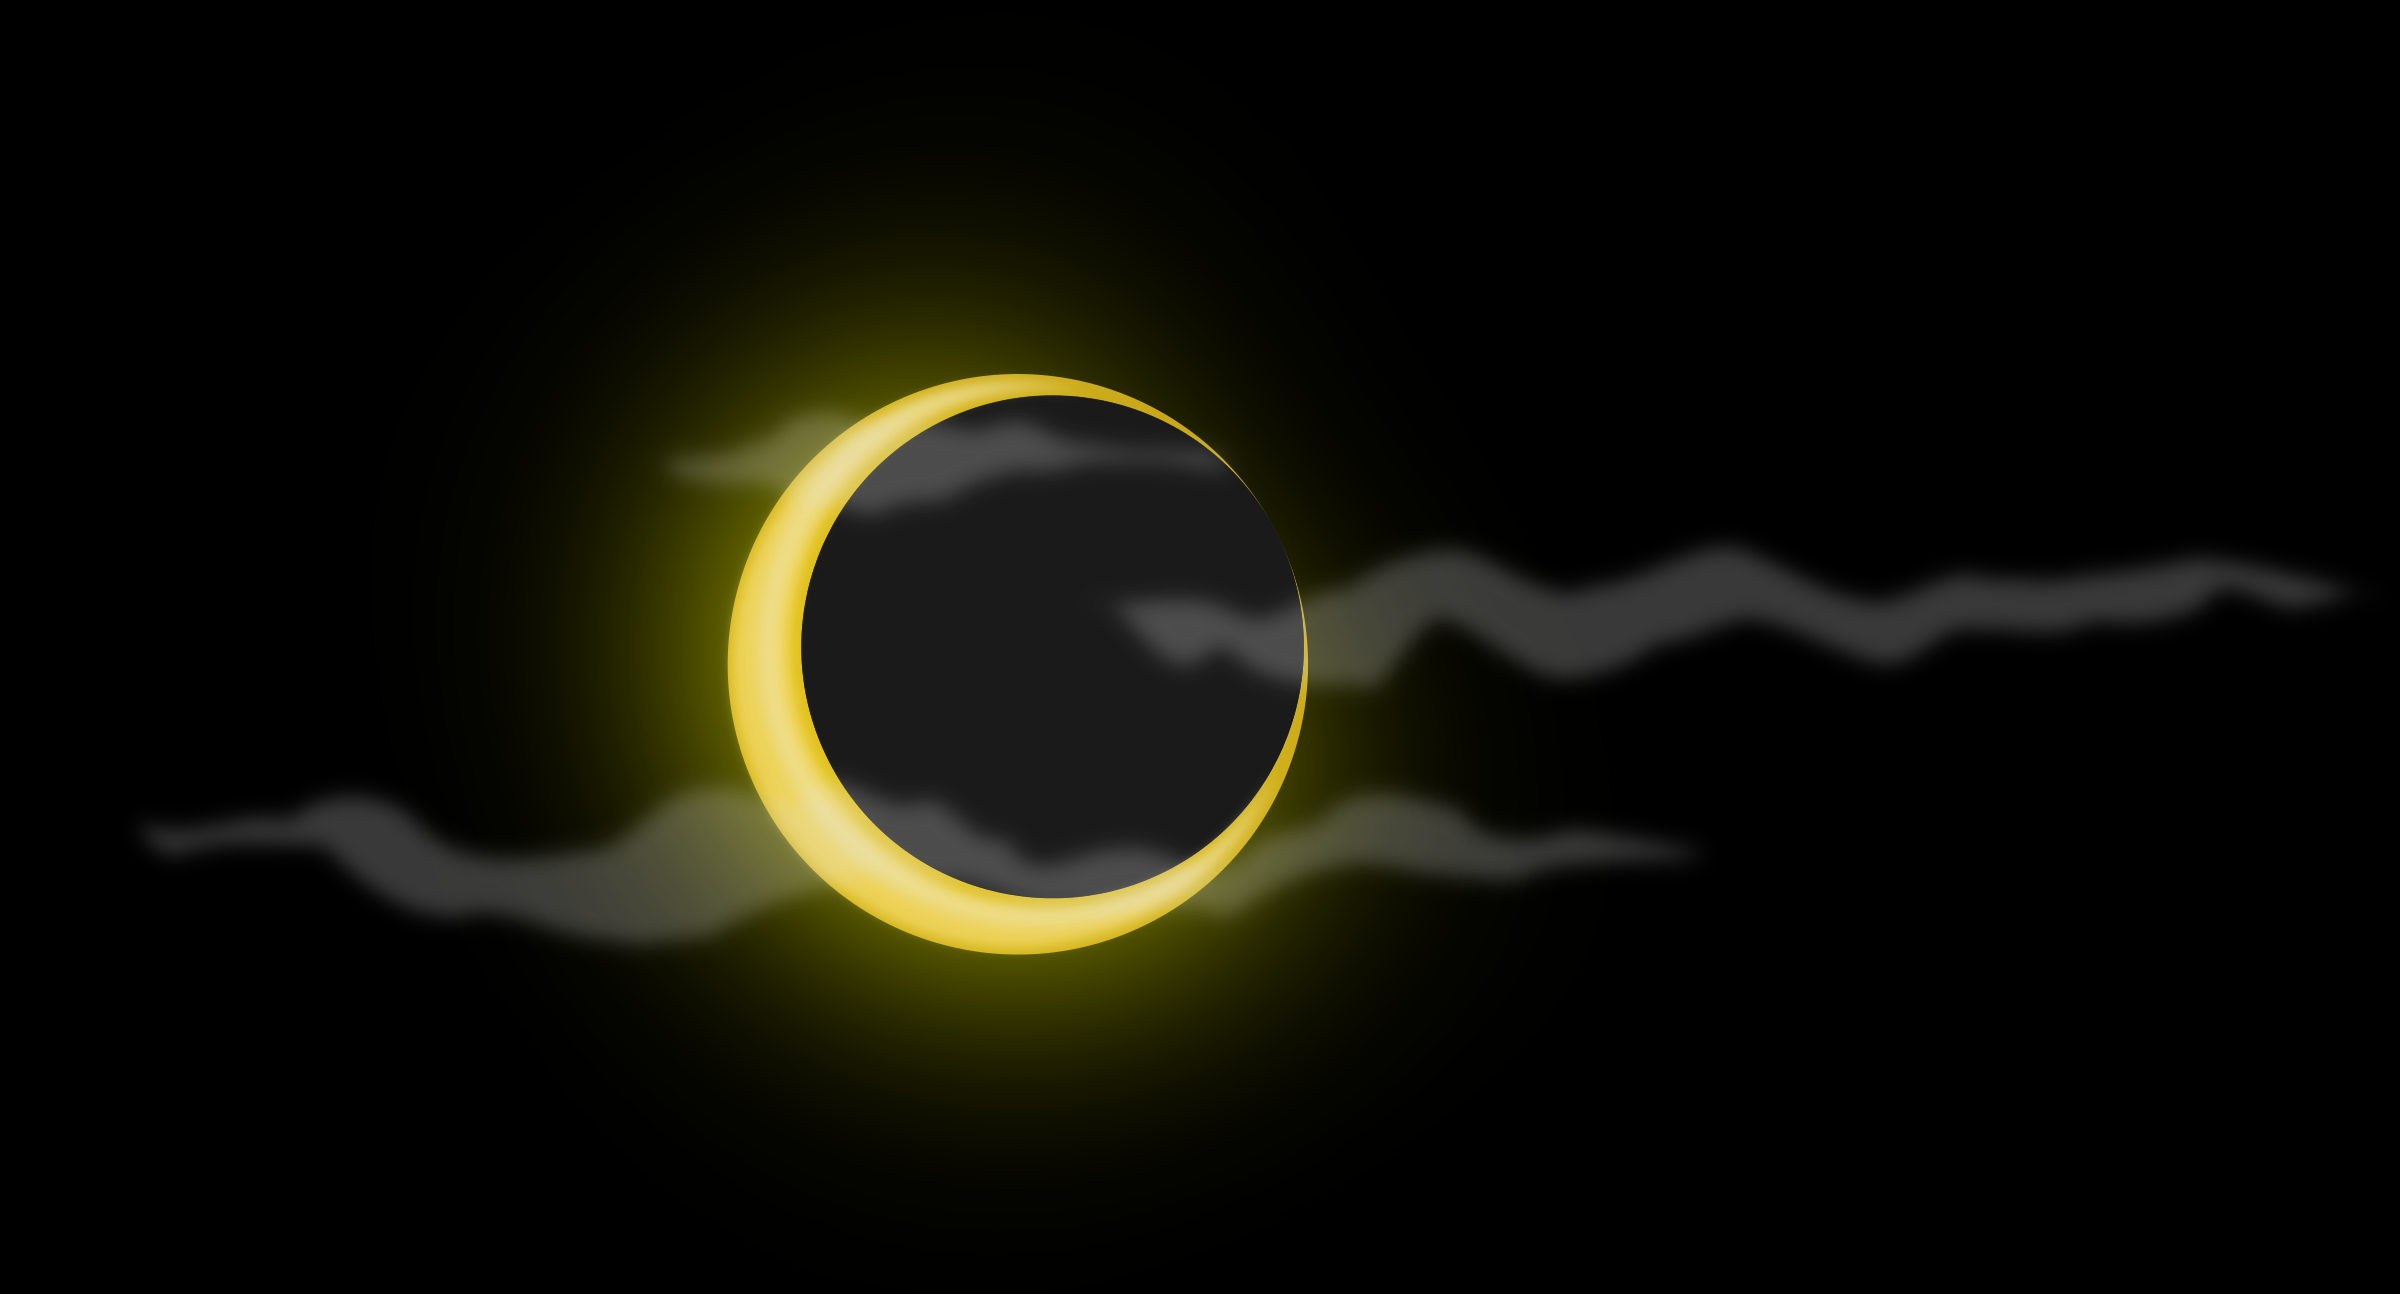 Moonlight clipart #10